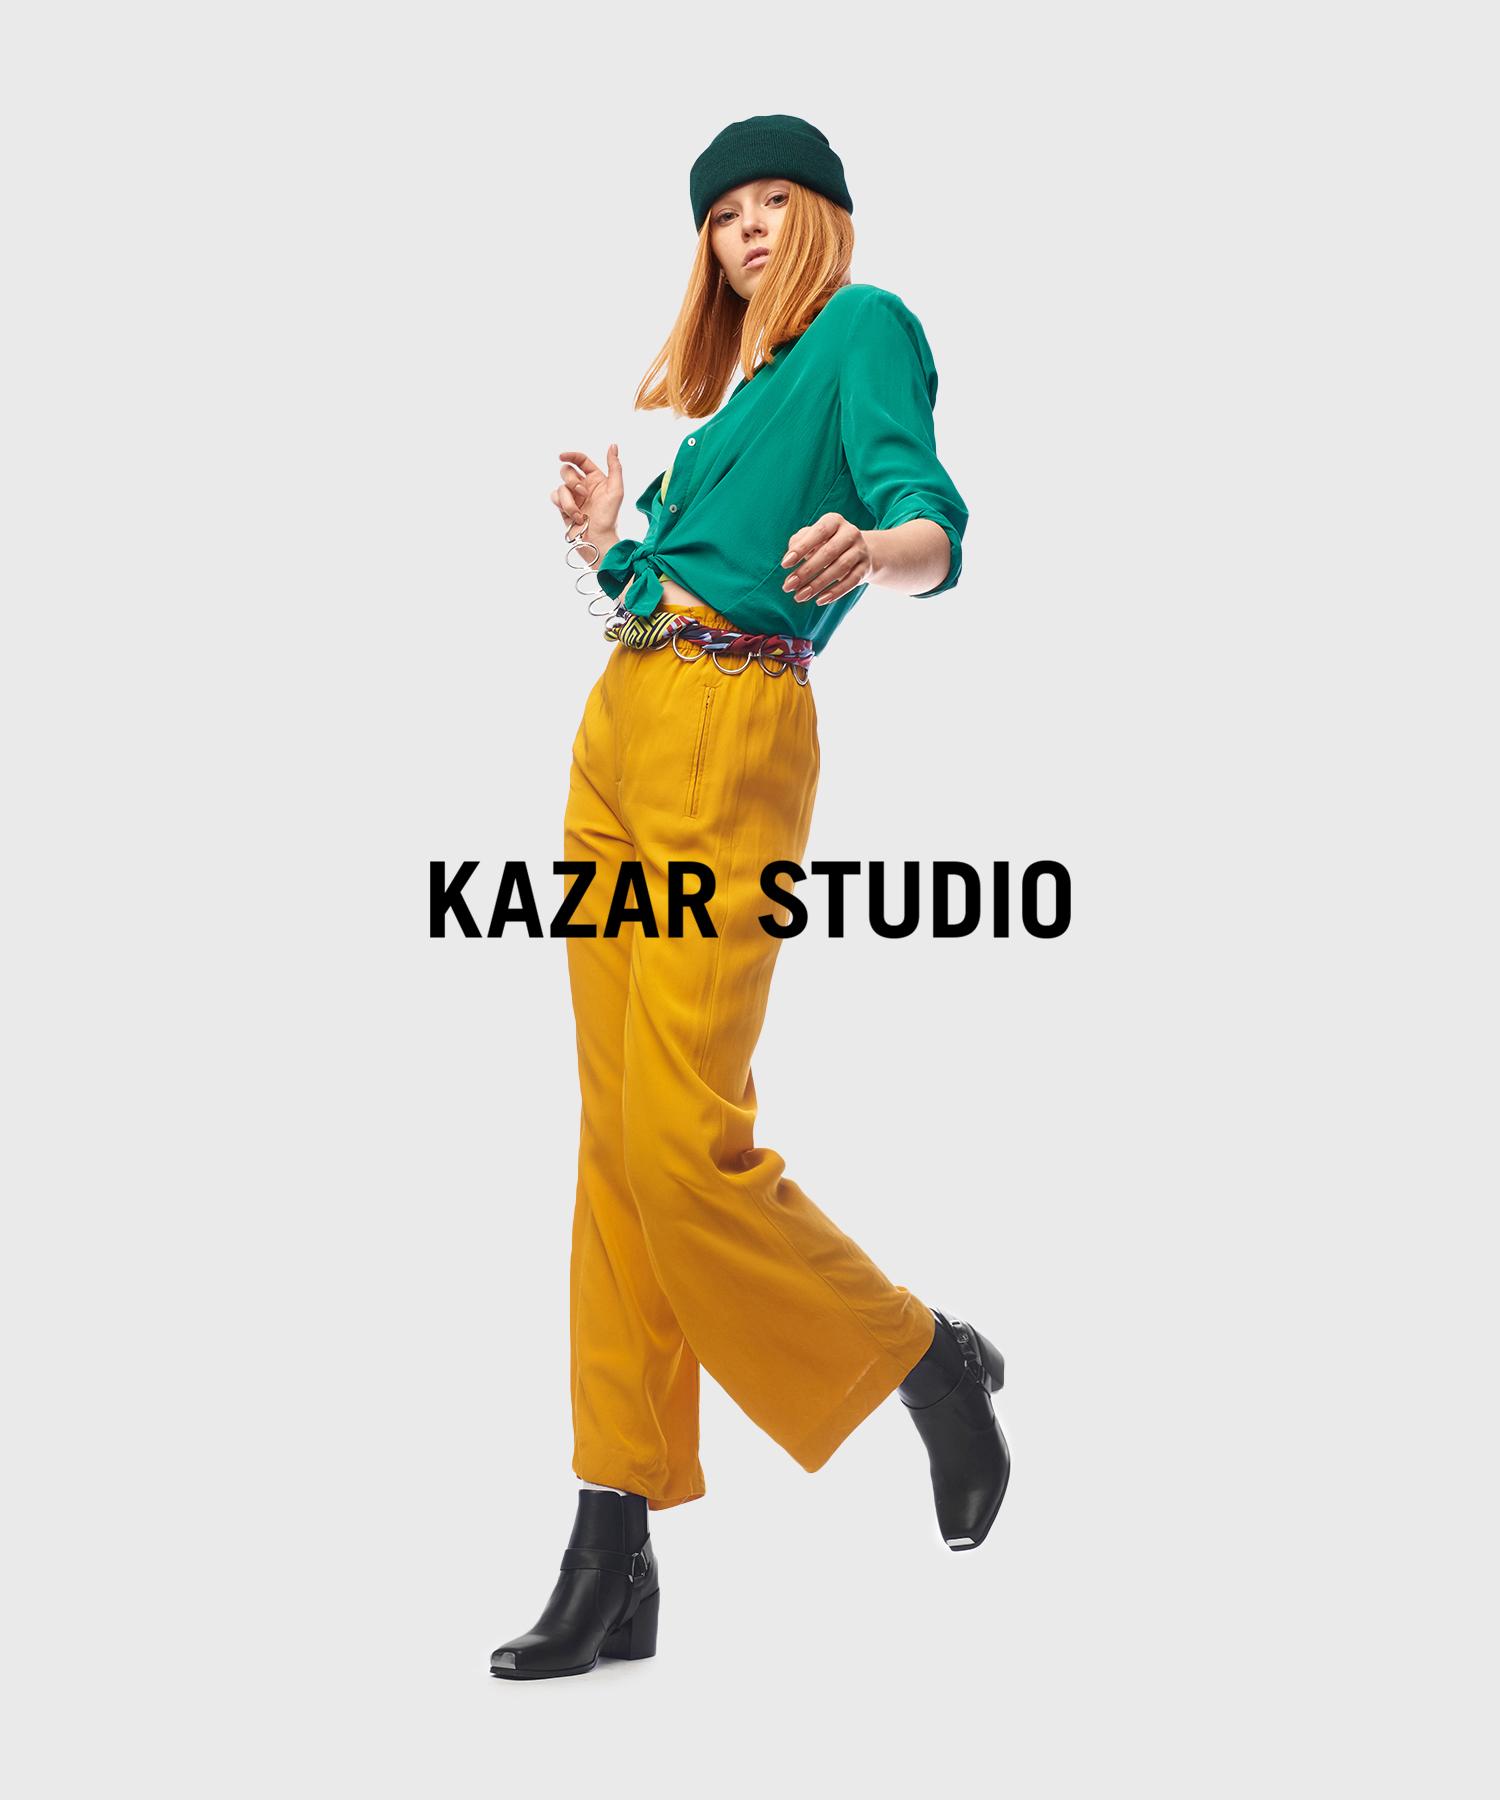 kazar studio00006.jpg